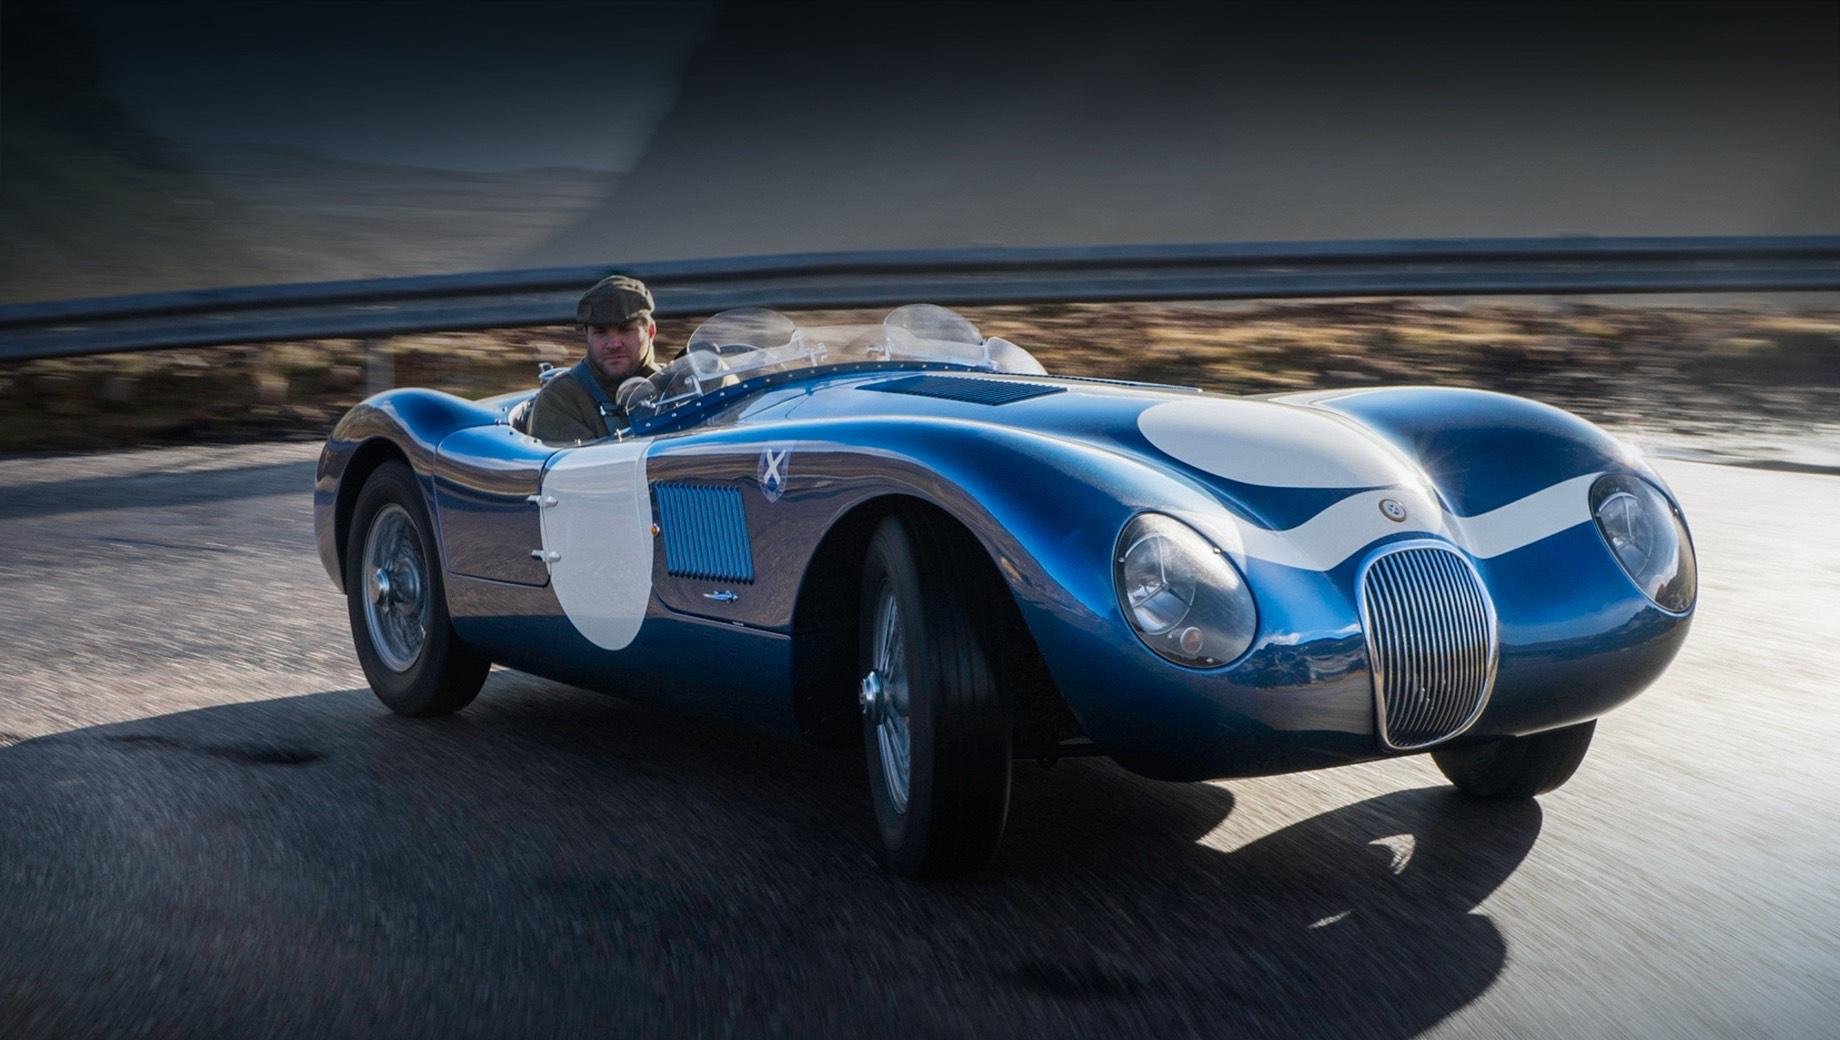 Jaguar ecurie ecosse  c-type,Jaguar c-type. Кузов — из алюминия. Процесс производства будет основан на методах времён середины прошлого века. Но не обойдётся и без высокоточной лазерной резки — это должно значительно улучшить само качество сборки. Классический синий колер и ливреи Ecurie Ecosse нанесены мастерами вручную.